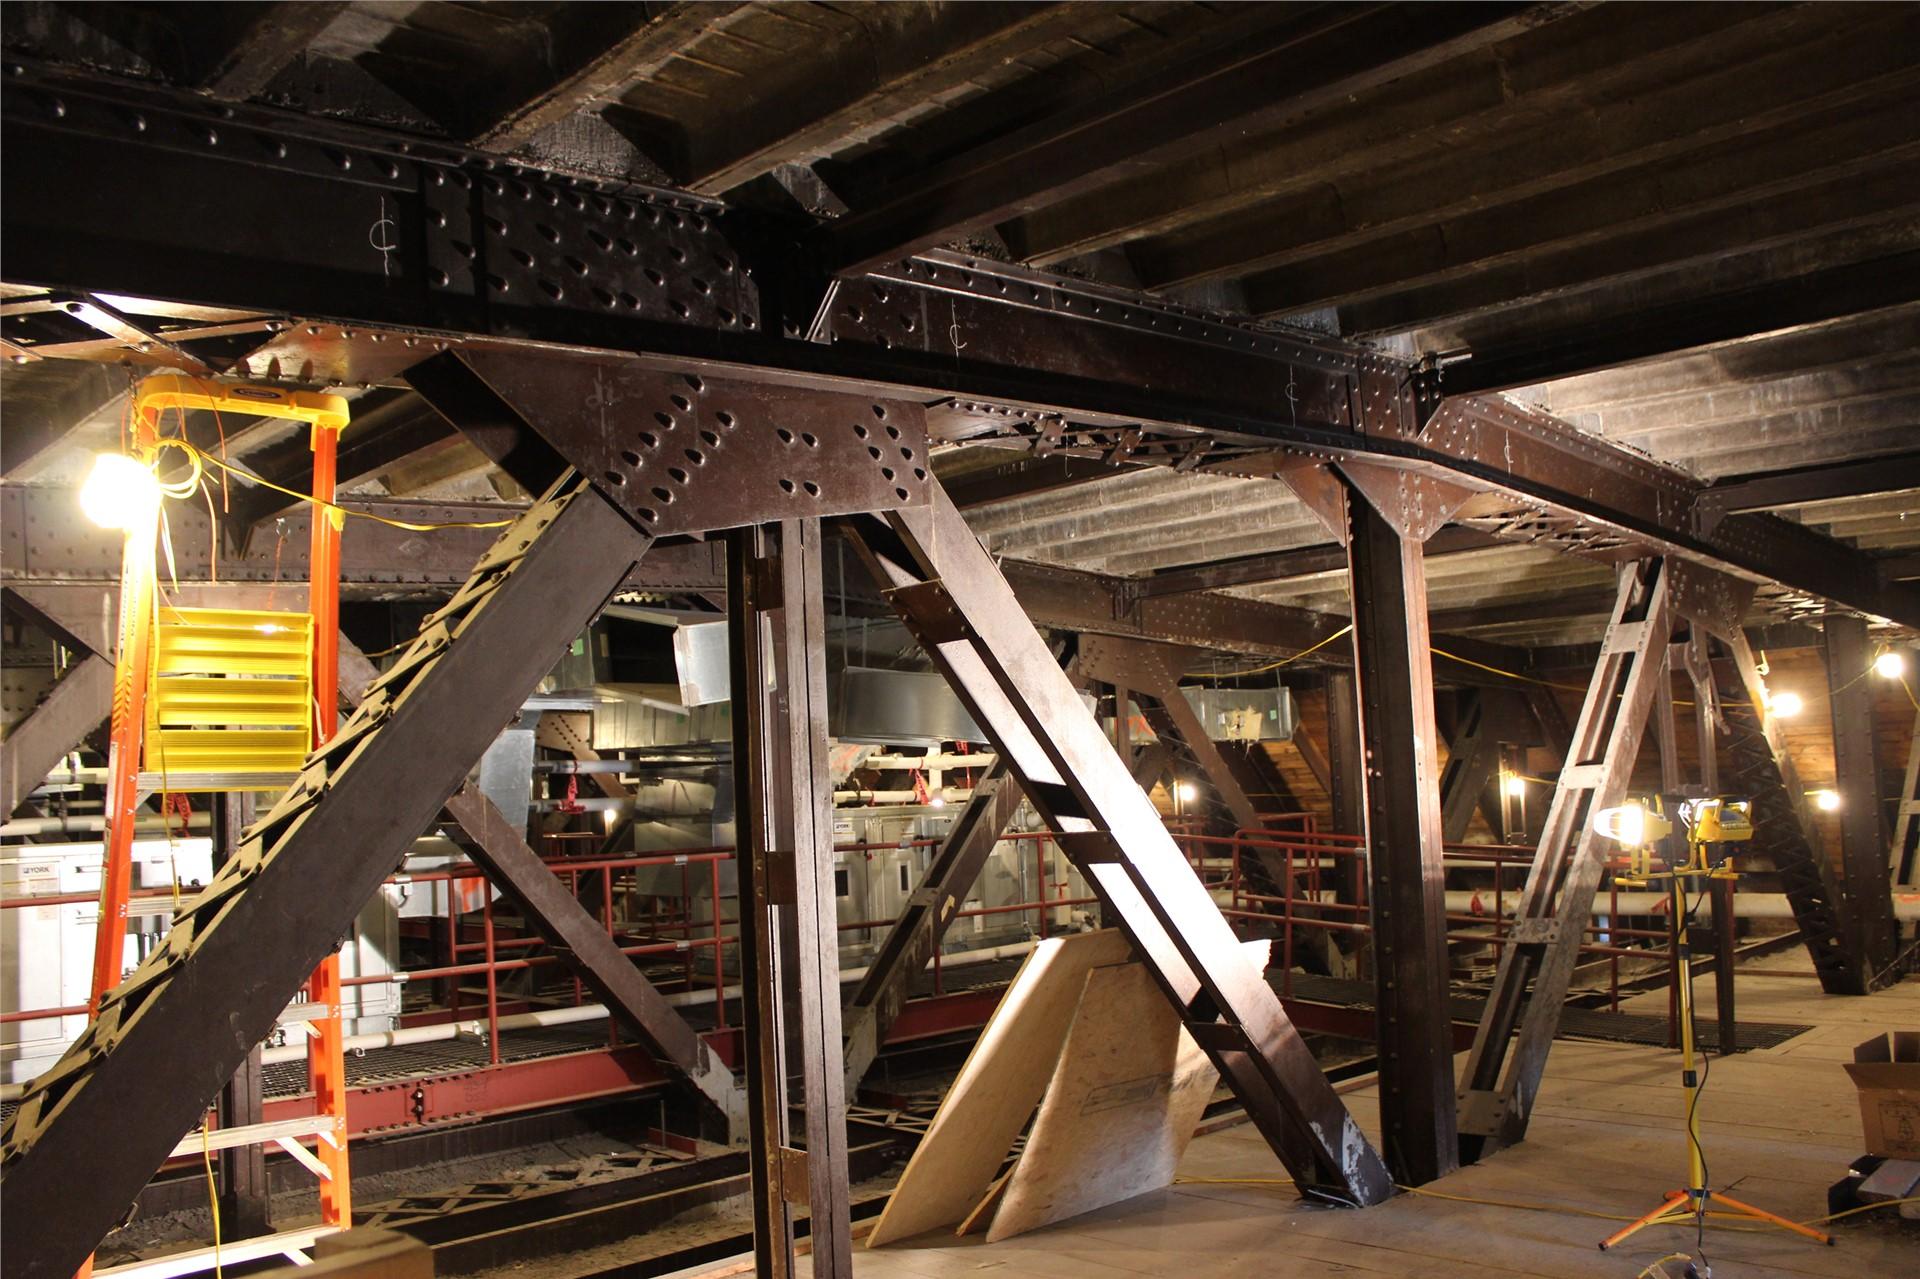 Steel beams on fourth floor